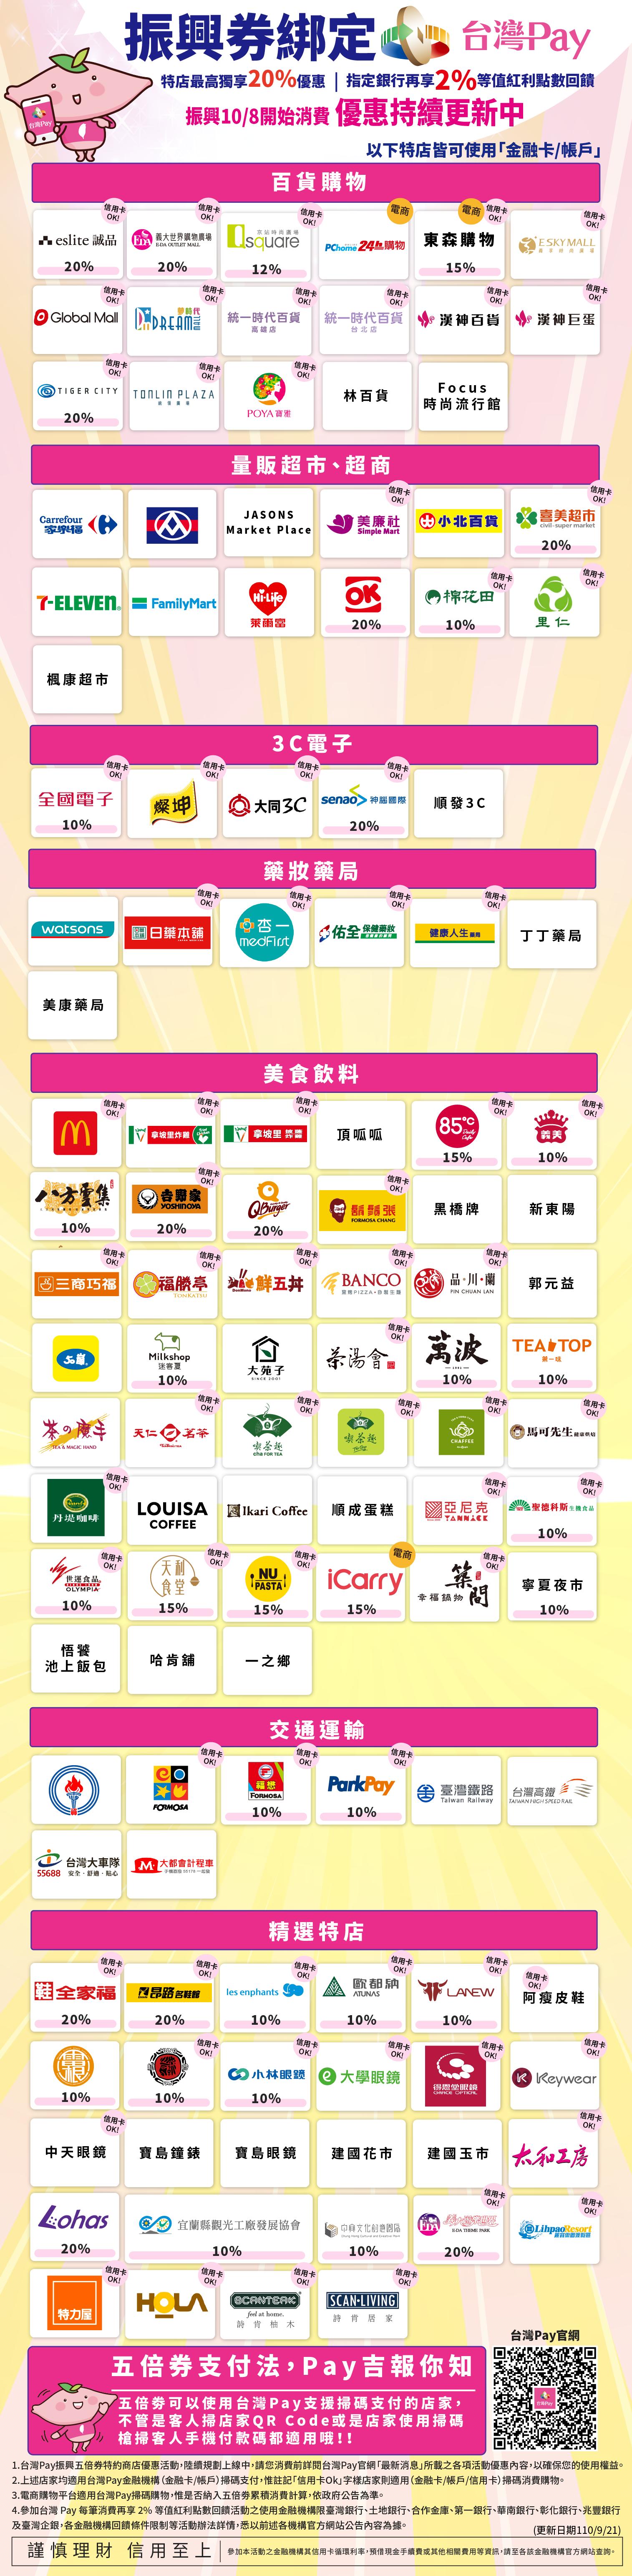 振興五倍劵台灣Pay掃碼消費適用店家